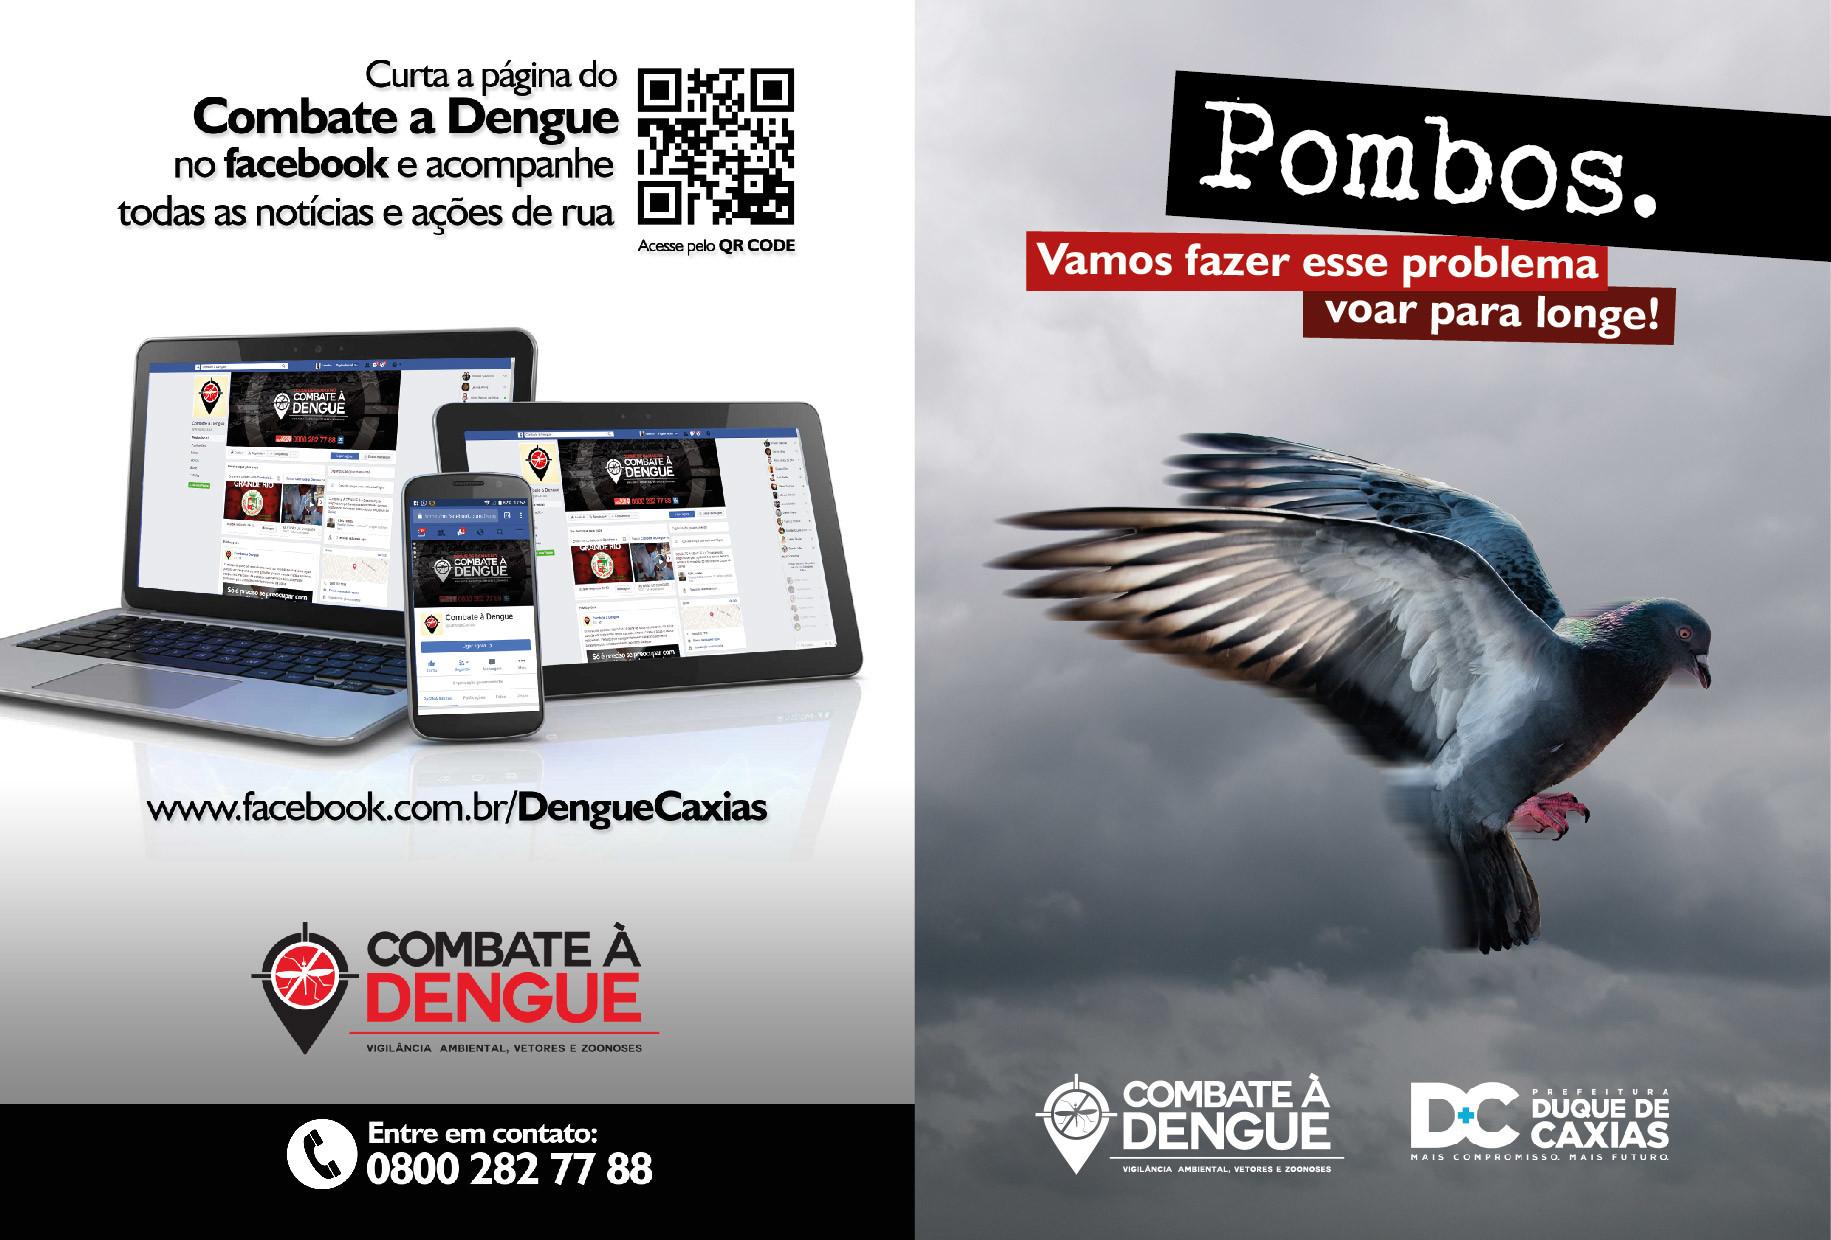 Leandro calazans folheto pombo 01